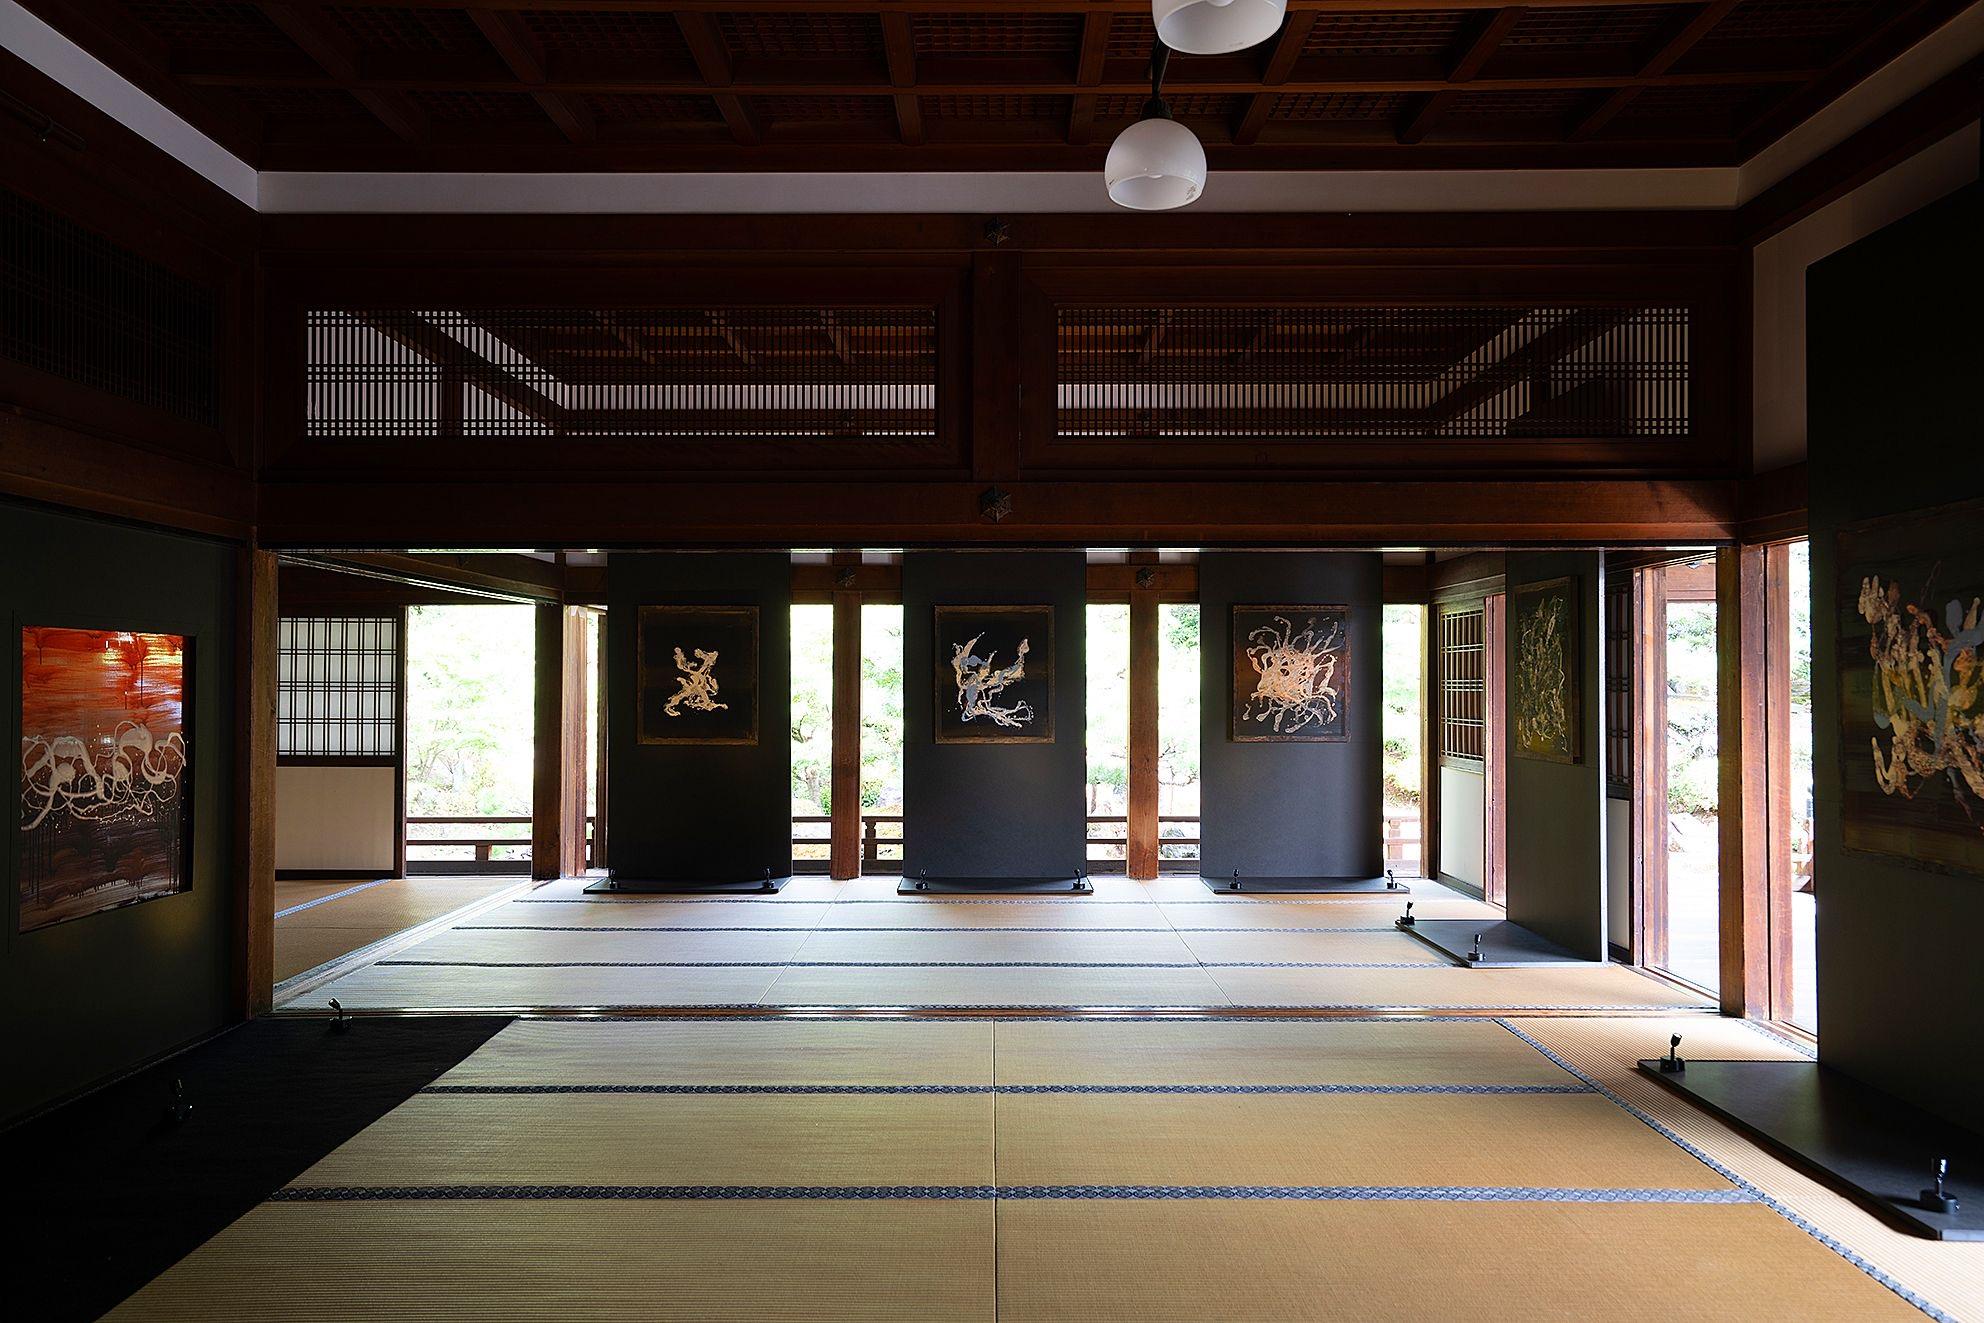 京都最古の禅寺 建仁寺にて現代アーティスト山田晋也の展覧会が9/19より開催